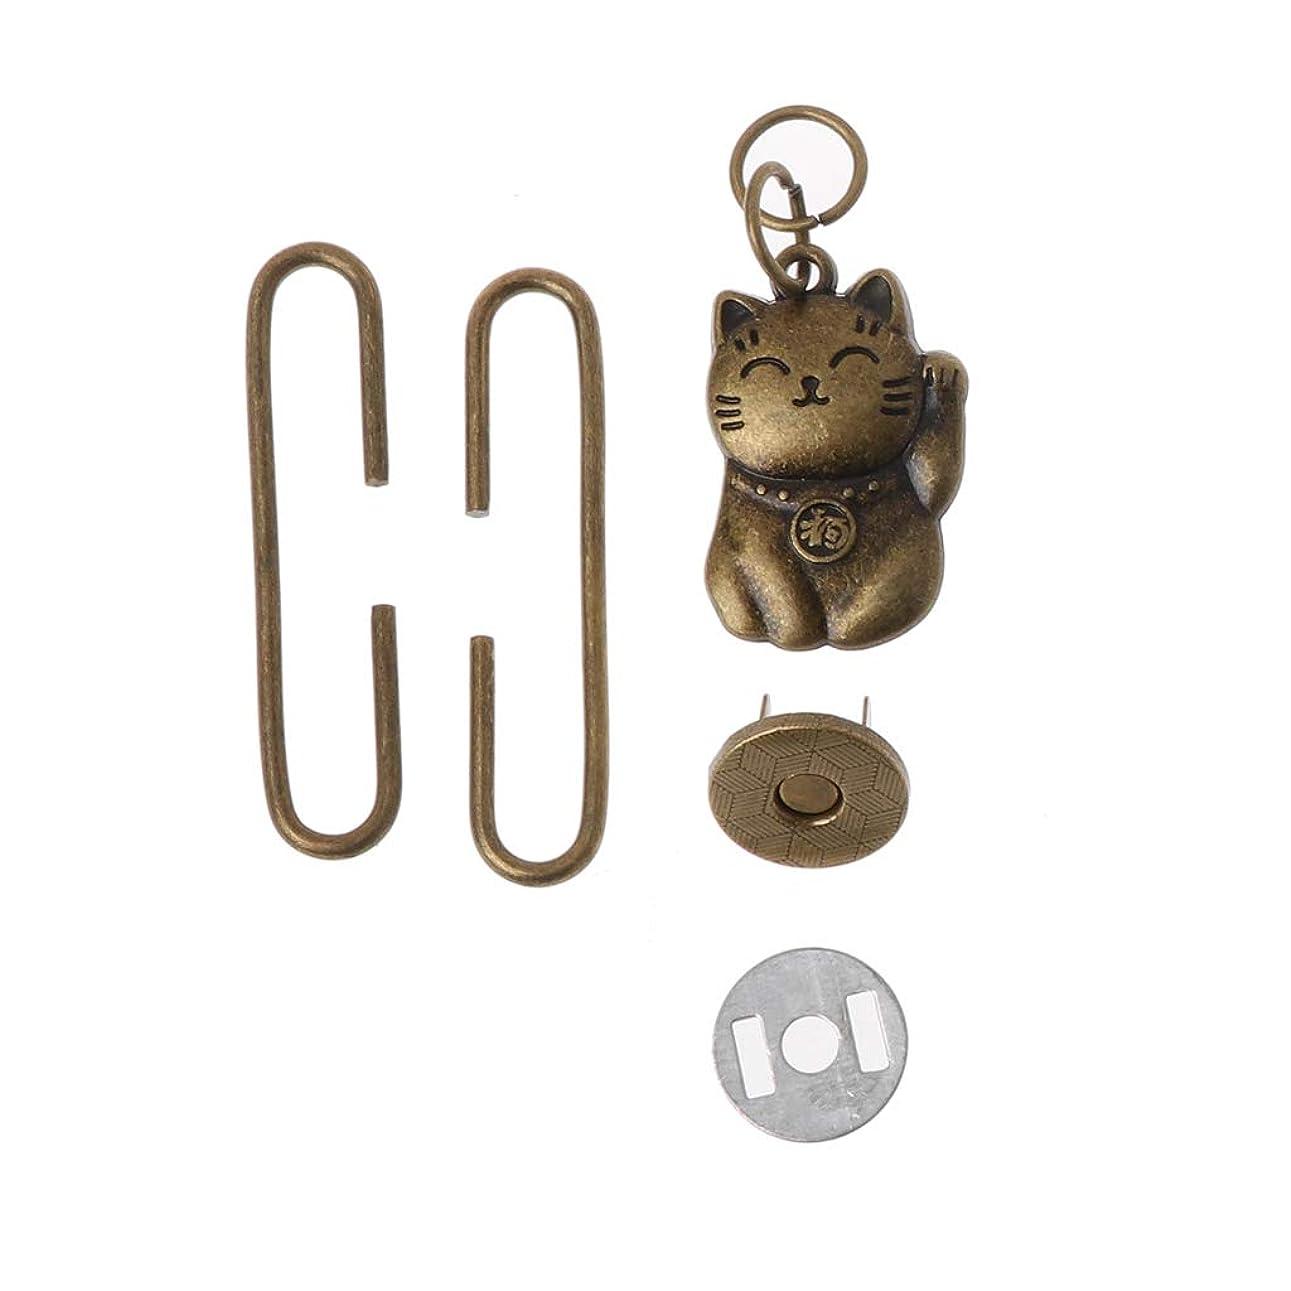 モッキンバード純粋な周術期SimpleLife財布フレームバッグ留め金磁気スナップDIYクラフトアクセサリー、5 cm